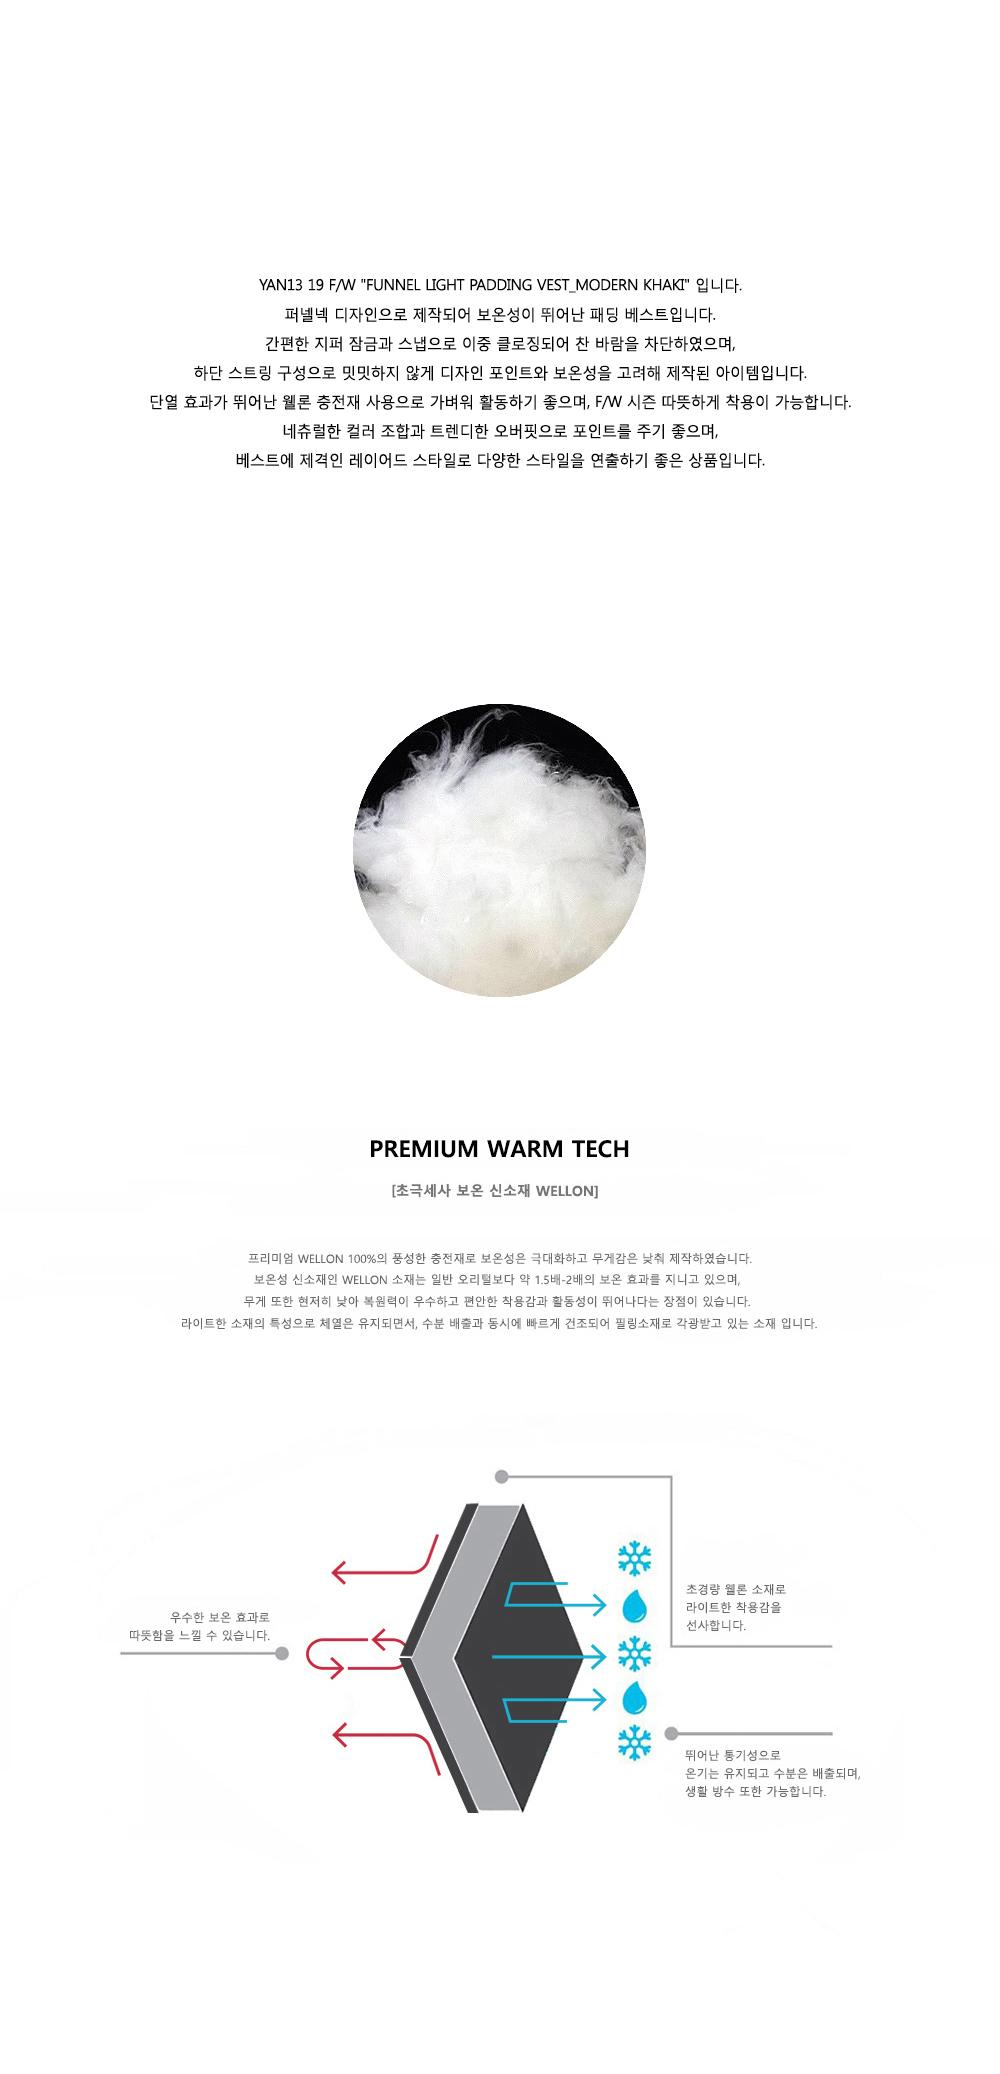 얀13 FUNNEL LIGHT PADDING VEST_MODERN KHAKI